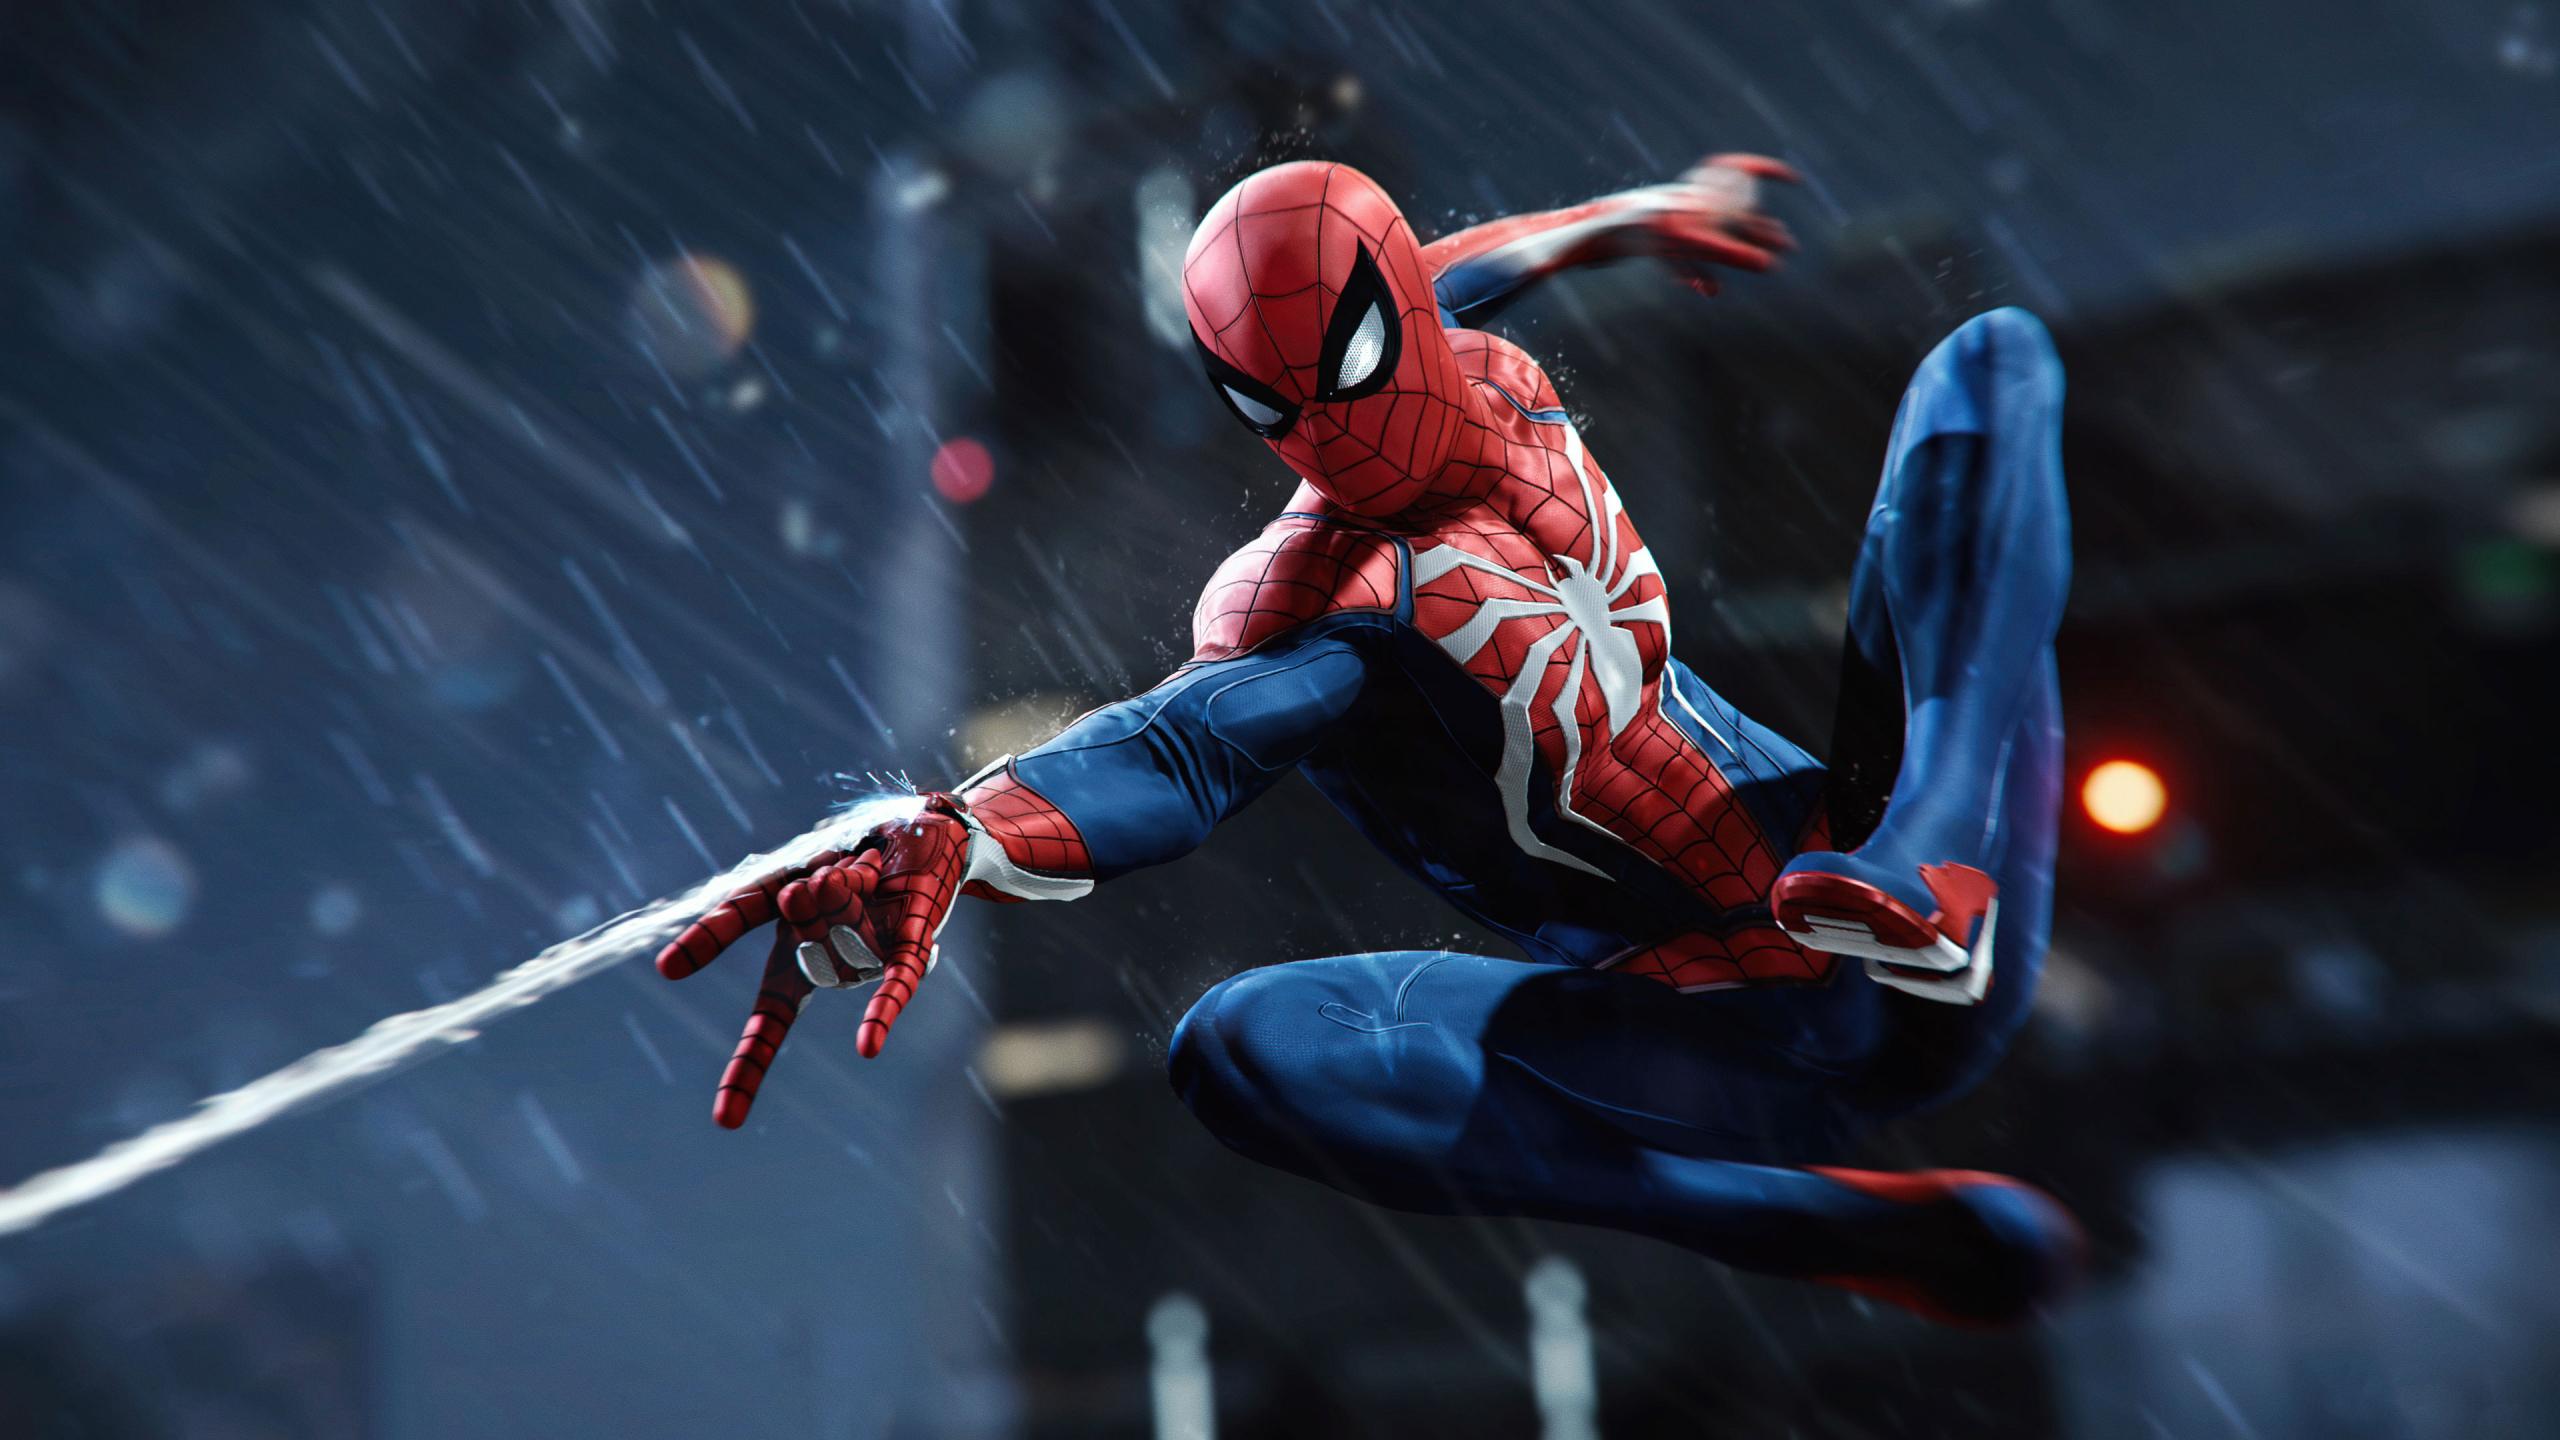 Spider-man Ps4 2018, HD 4K Wallpaper